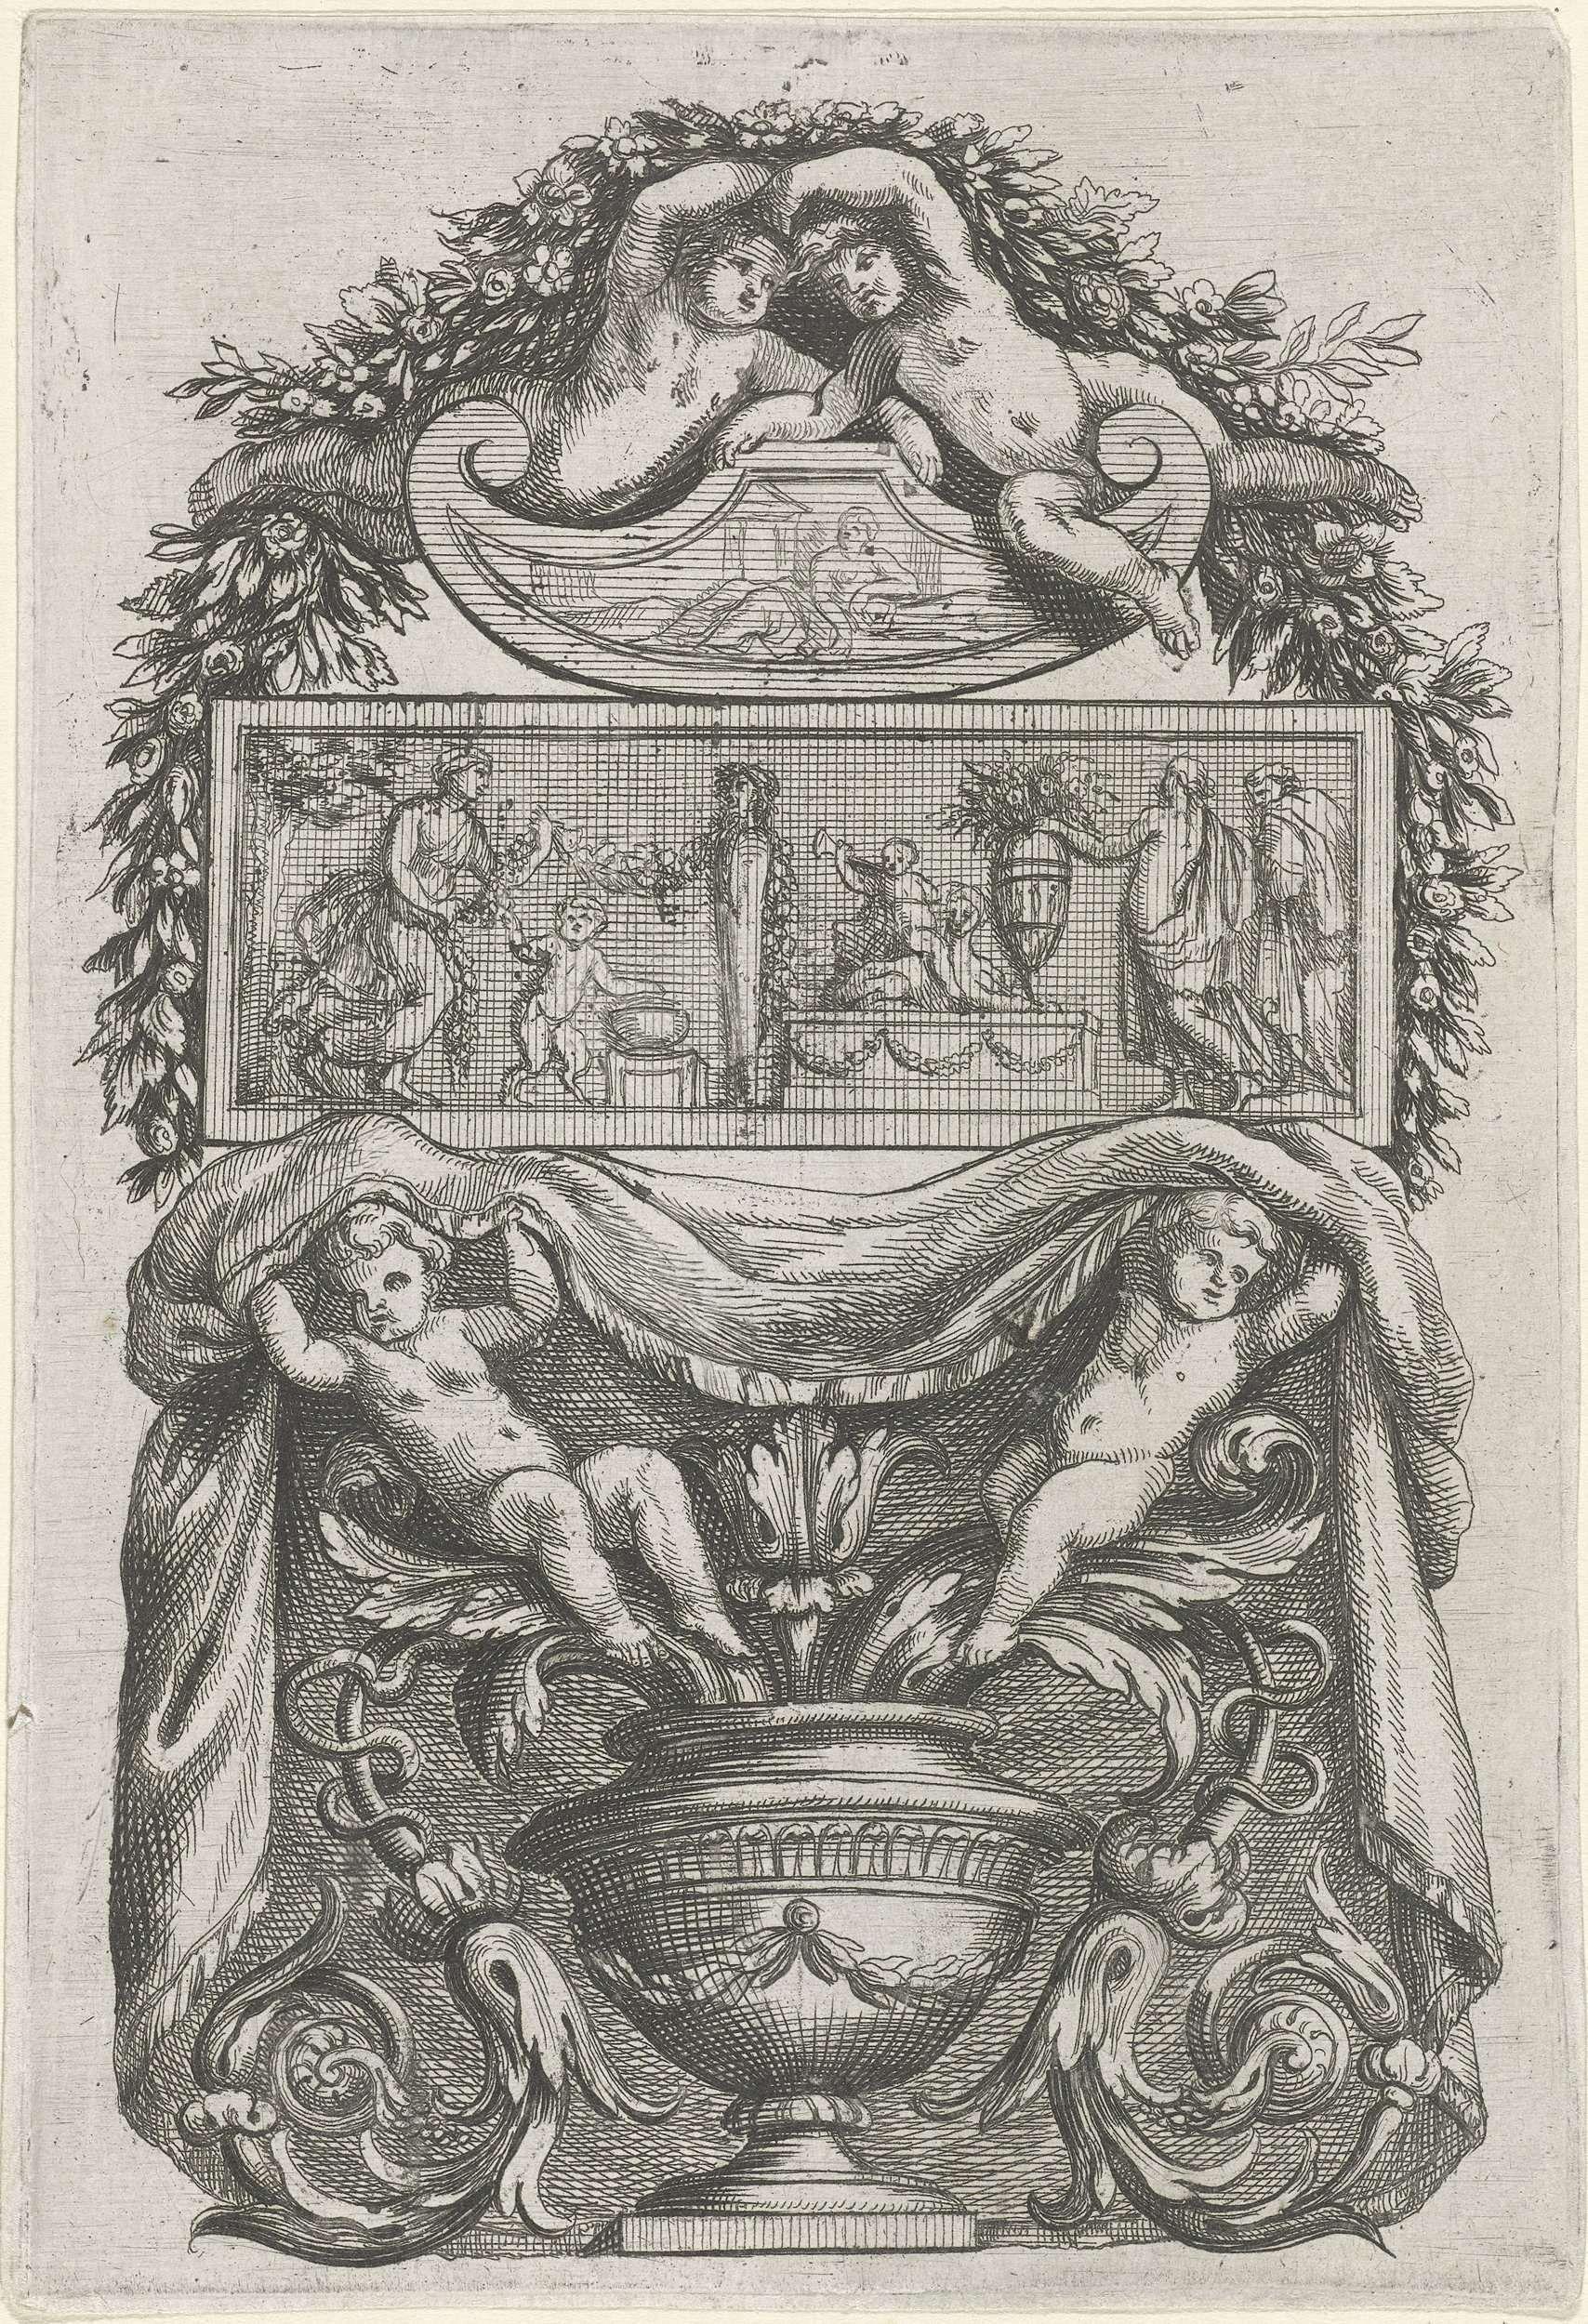 Antoine Pierretz (le jeune) | Plaat met reliëf tussen schild en vaas, Antoine Pierretz (le jeune), 1661 | Bovenaan een schild waarop twee putti zitten, onderaan een vaas waarop twee putti zitten die een doek vasthouden. Uit serie van 12 bladen met ornamentele panelen opgebouwd uit medaillons, tabletten, friezen, sarcofagen, vazen, schilden, guirlandes, klimplanten en putti, geplaatst langs een verticale as. Uit eerste editie.